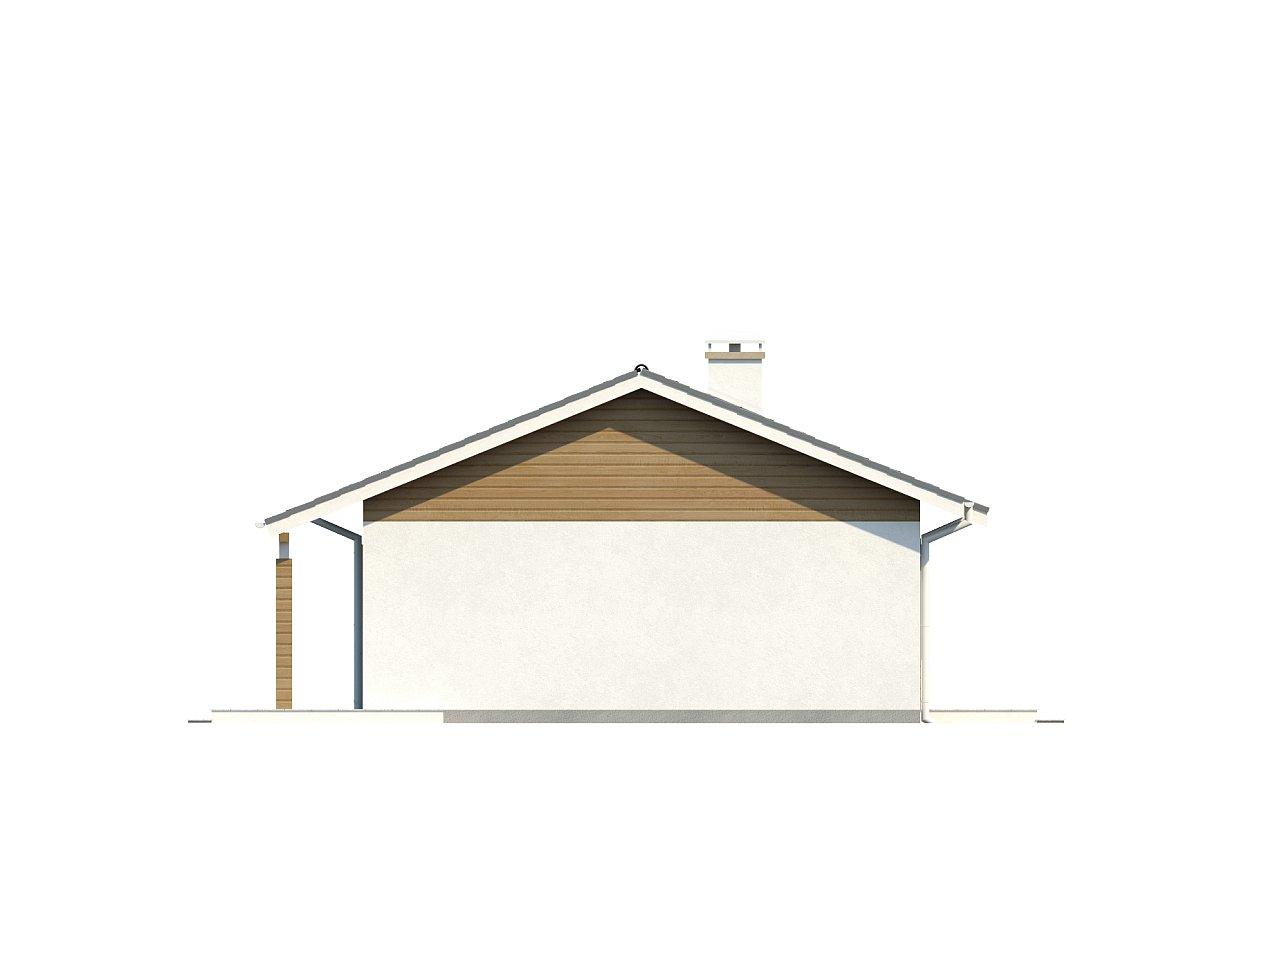 Компактный дом с двускатной крышей — выгодный, функциональный и практичный. 24